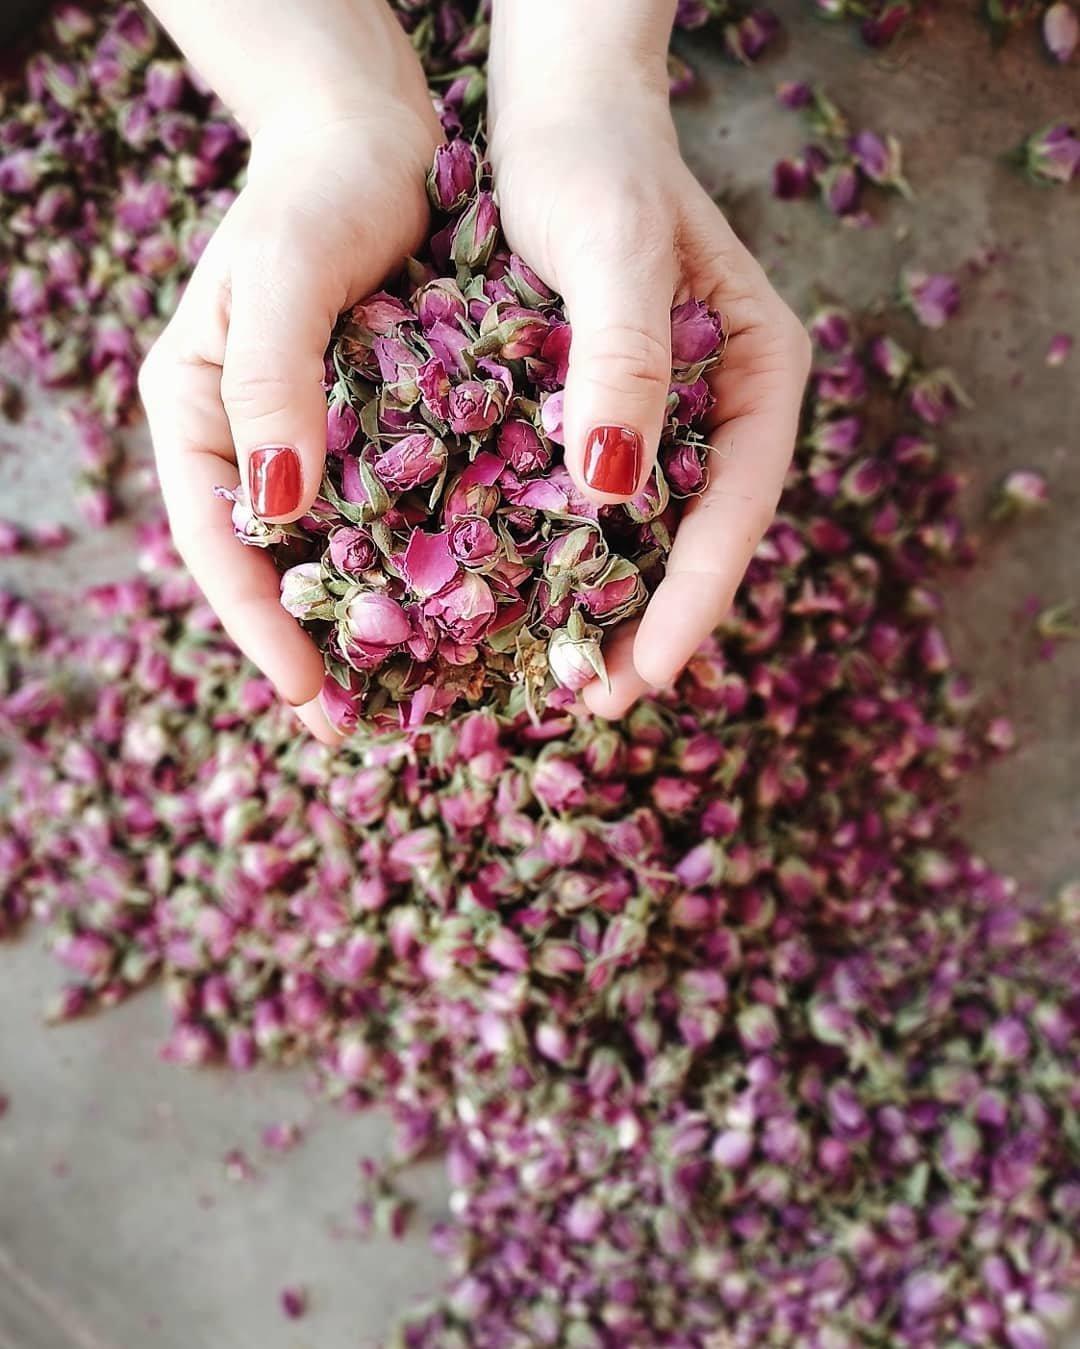 Город роз, персидские дворцы и Медина. Как харьковчанка провела две недели в Иране и Марокко, - ФОТО, фото-9